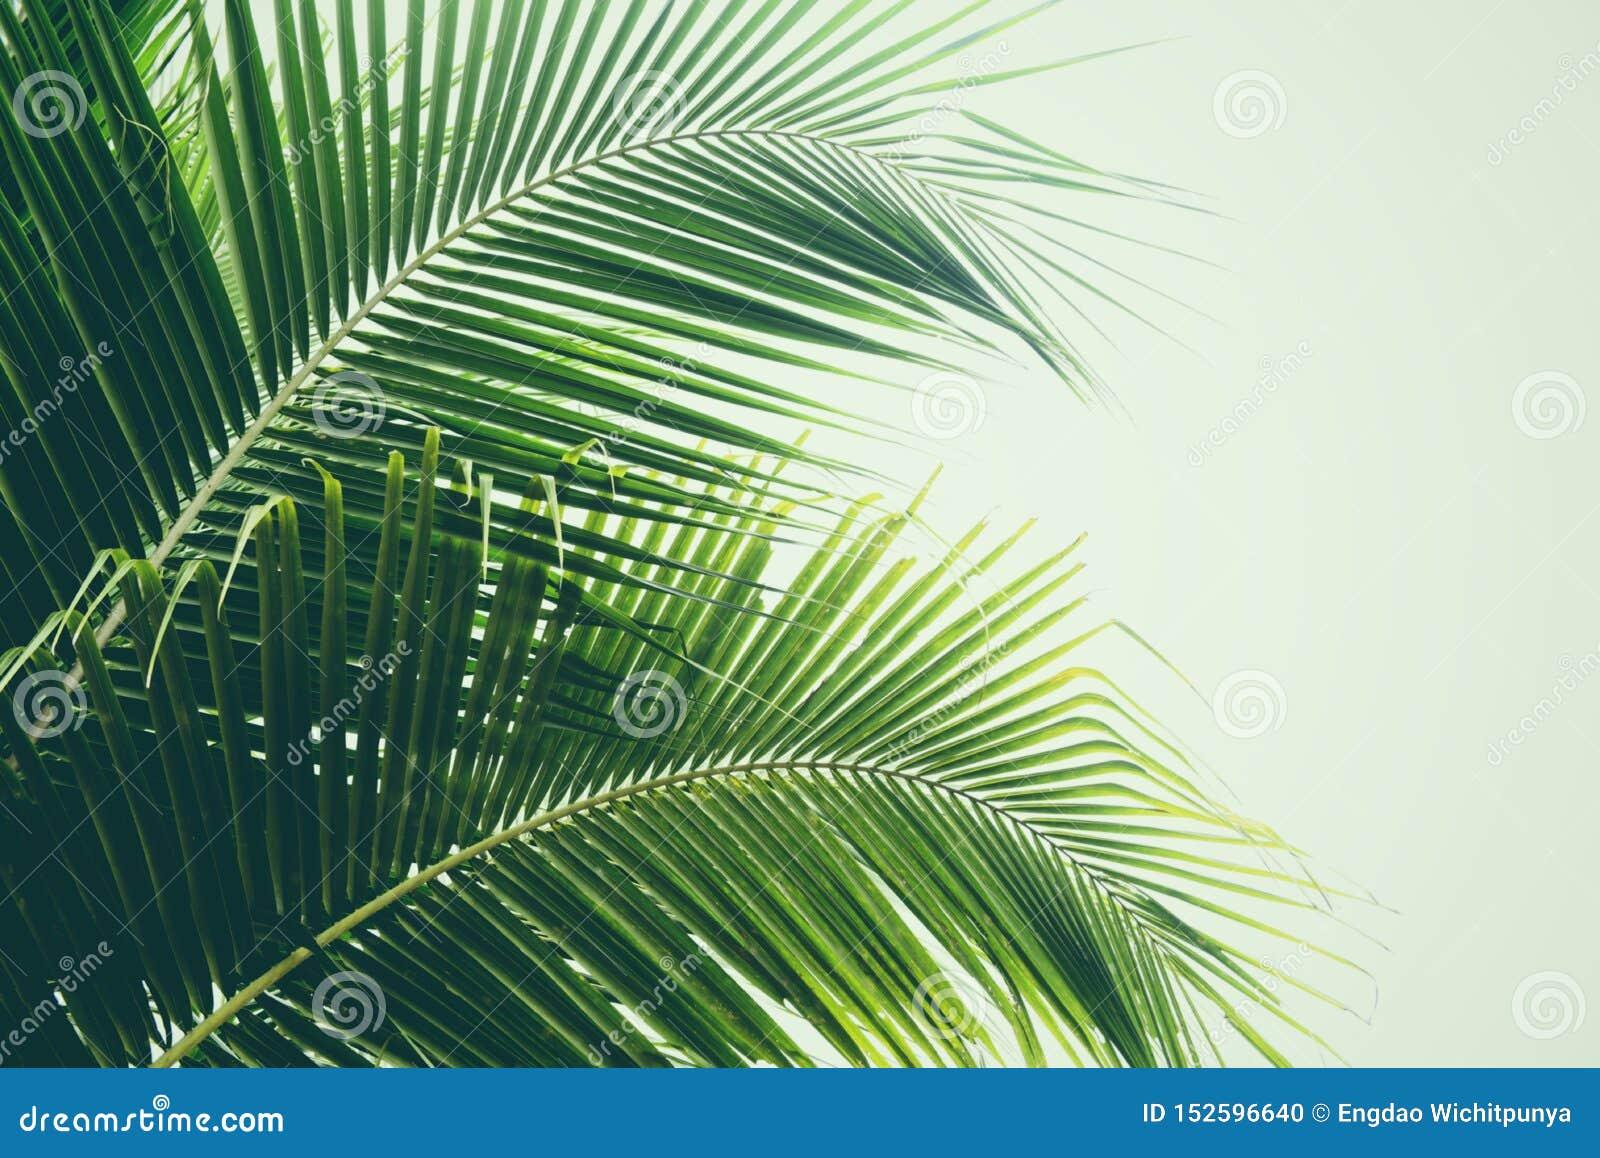 Vers groen palmblad op bladeren van de kokospalm de tropische installatie